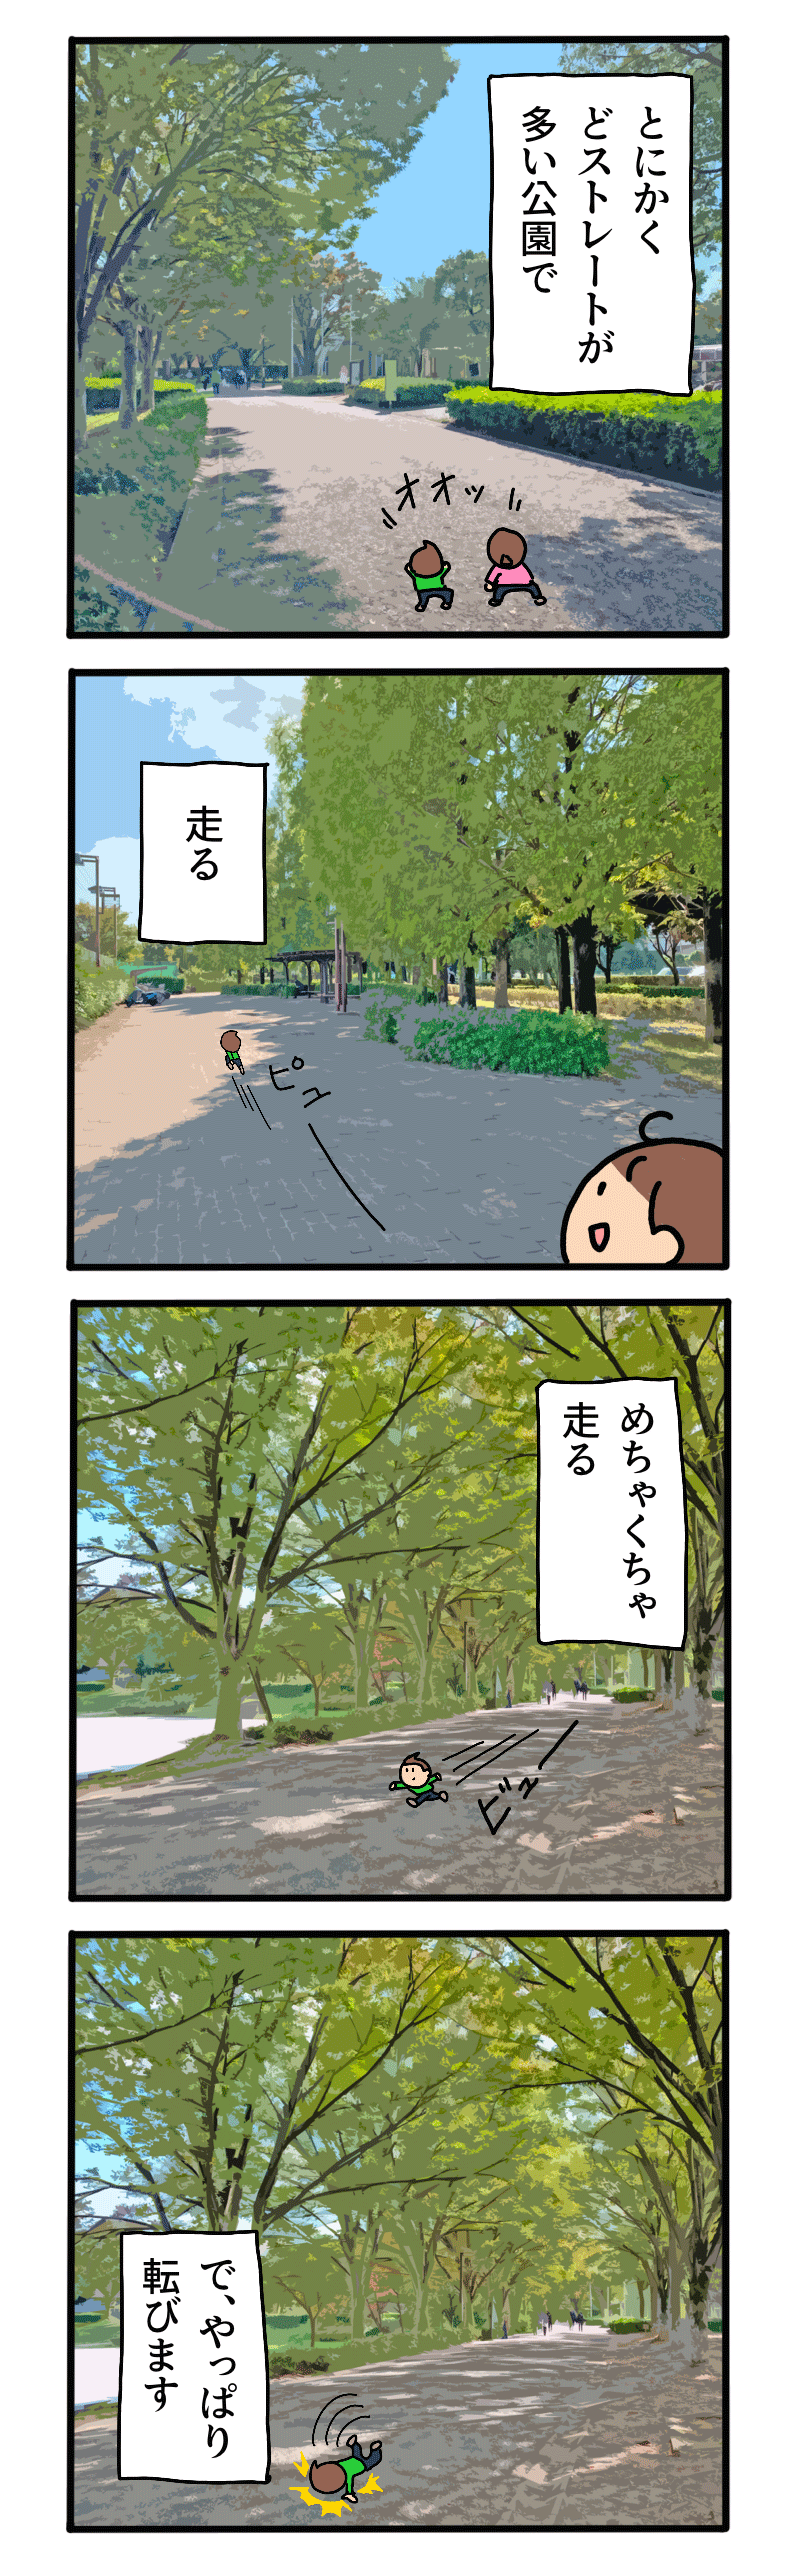 三橋総合公園のWEB漫画どストレート